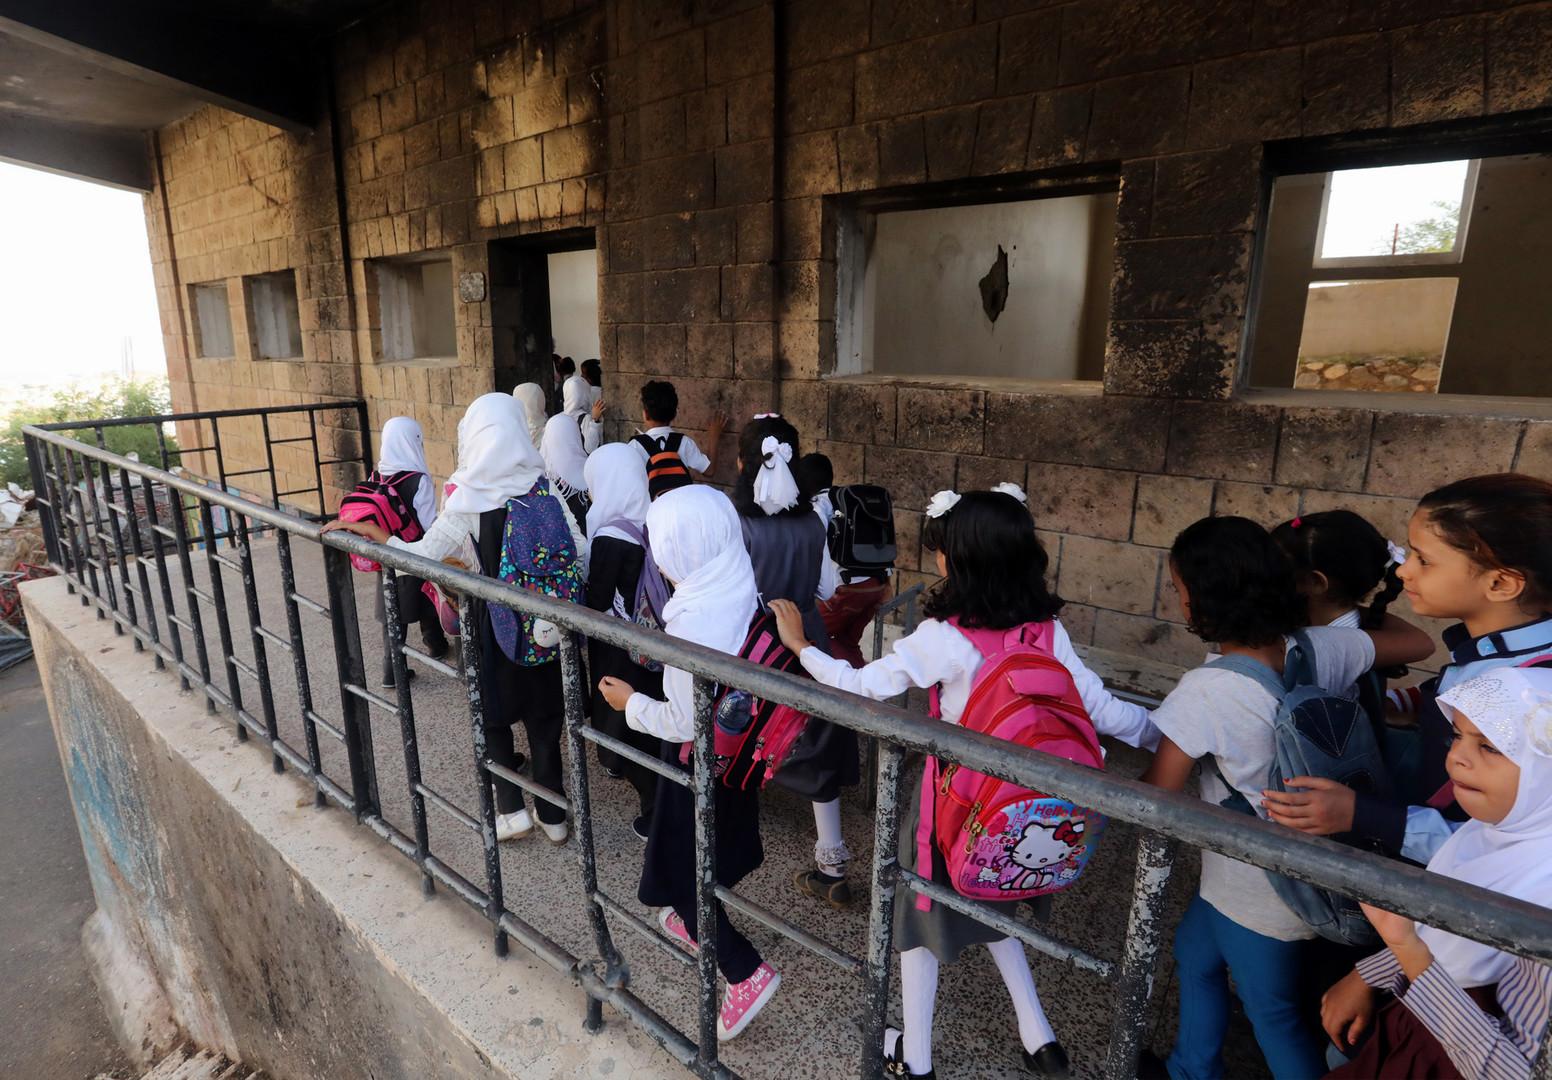 Jemenitische Schüler gehen am ersten Tag des neuen Schuljahres in eine Schule, die im vergangenen Jahr bei einem Luftangriff in der drittgrößten Stadt des Landes, Taez,  beschädigt wurde.